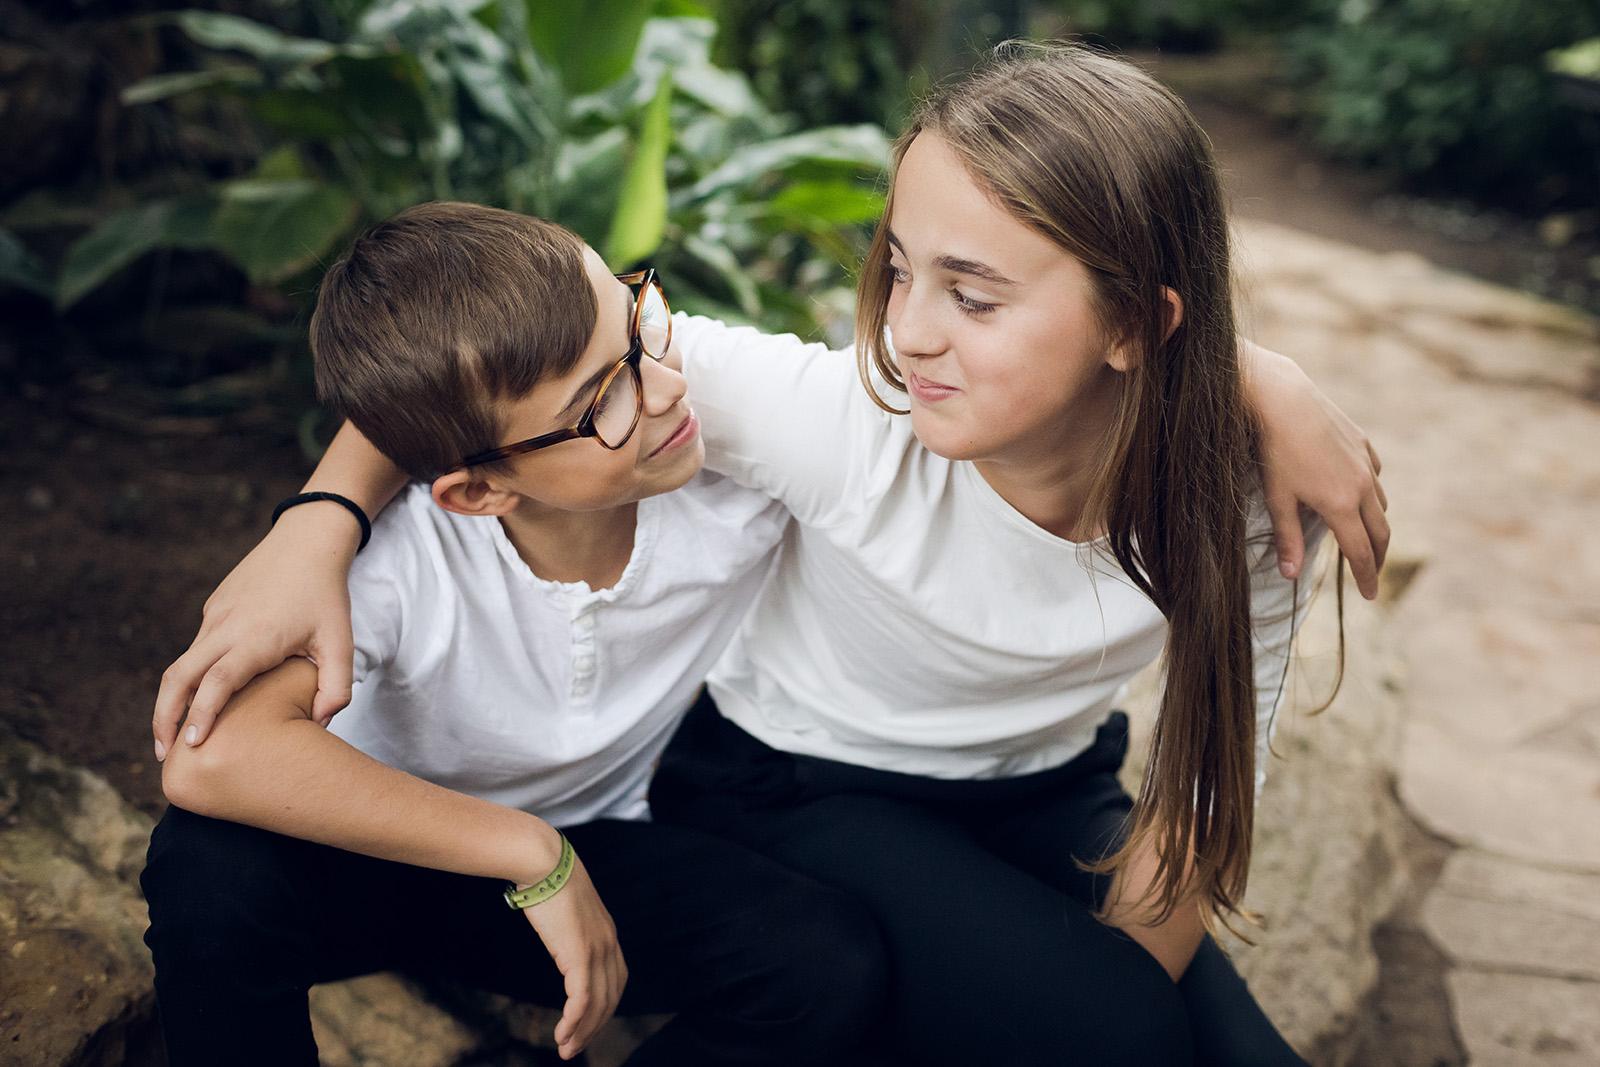 seance-photo-famille-portrait-enfant-parent-lyon-auvergne-rhone-alpes-elise-julliard-photographe-mariage-parc-serre-botanique-nature-bebe-2